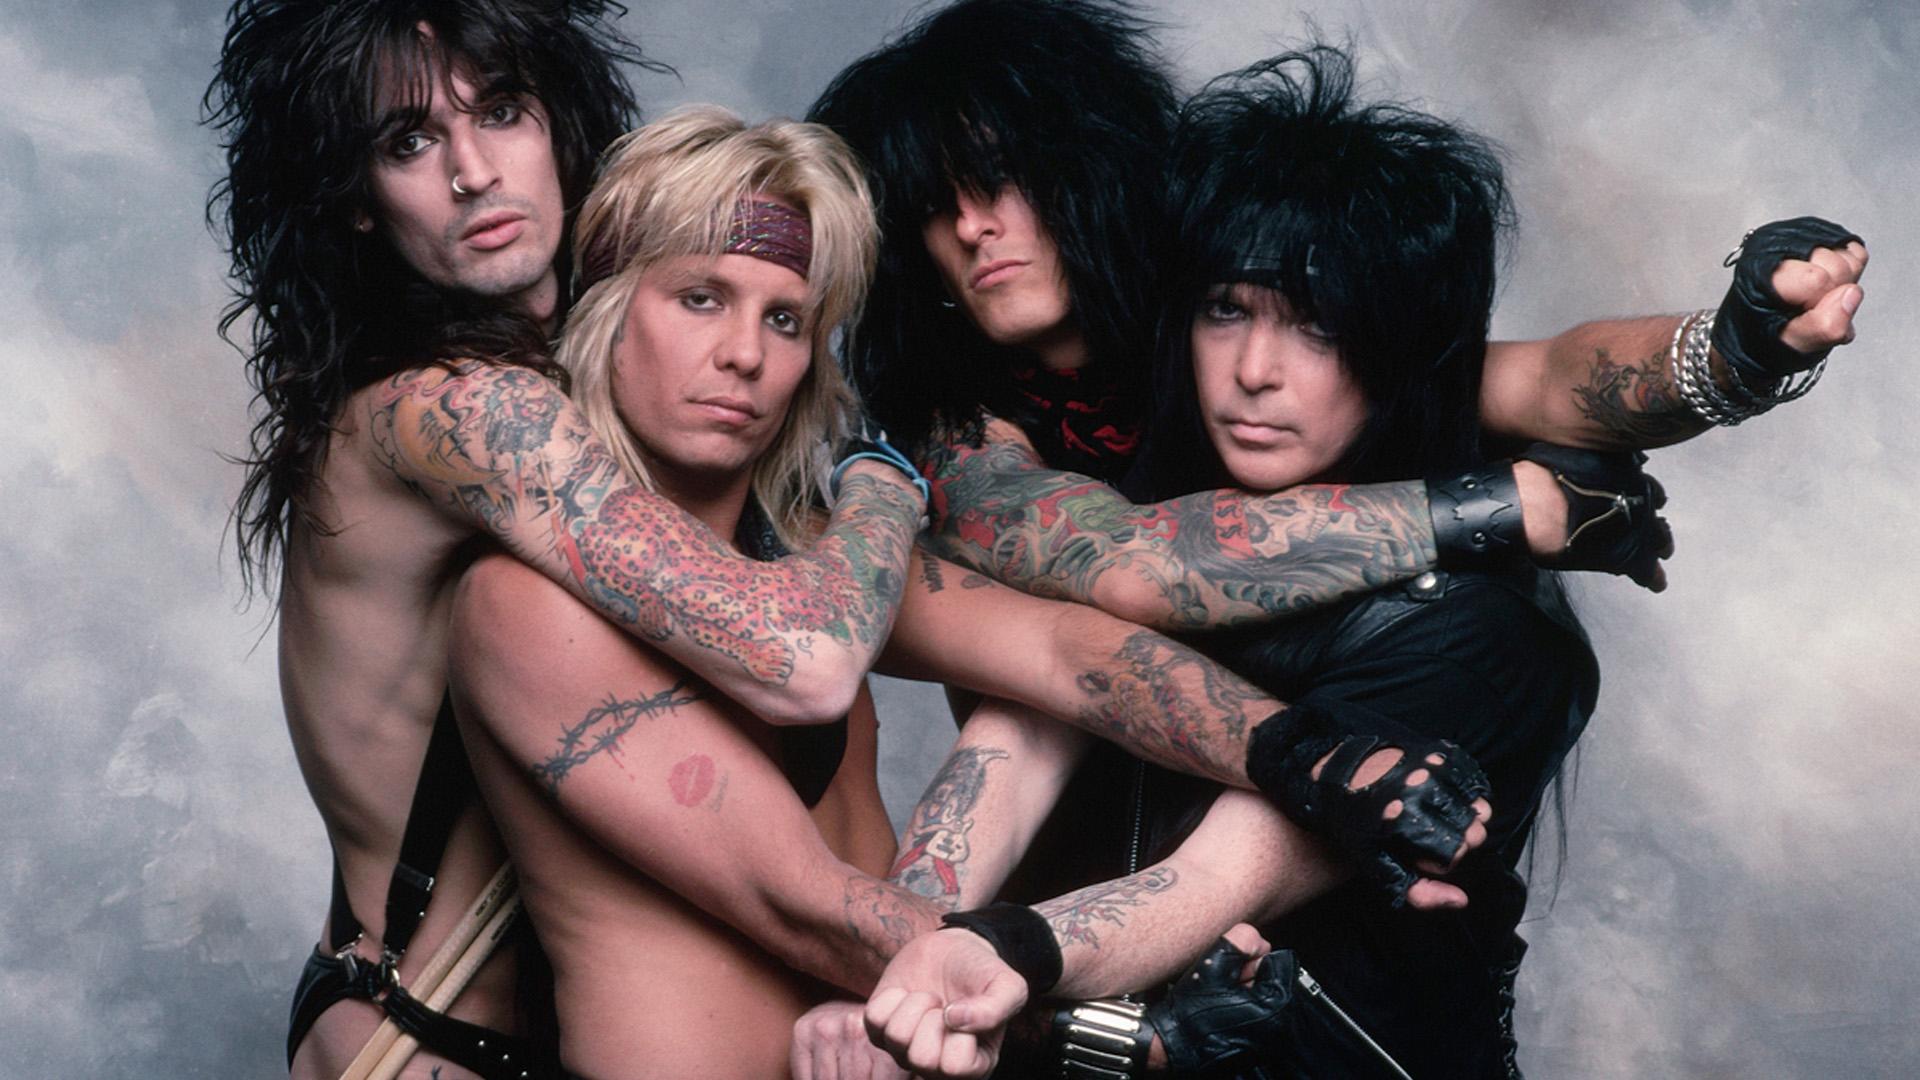 Kickstart My Heart av Mötley Crüe